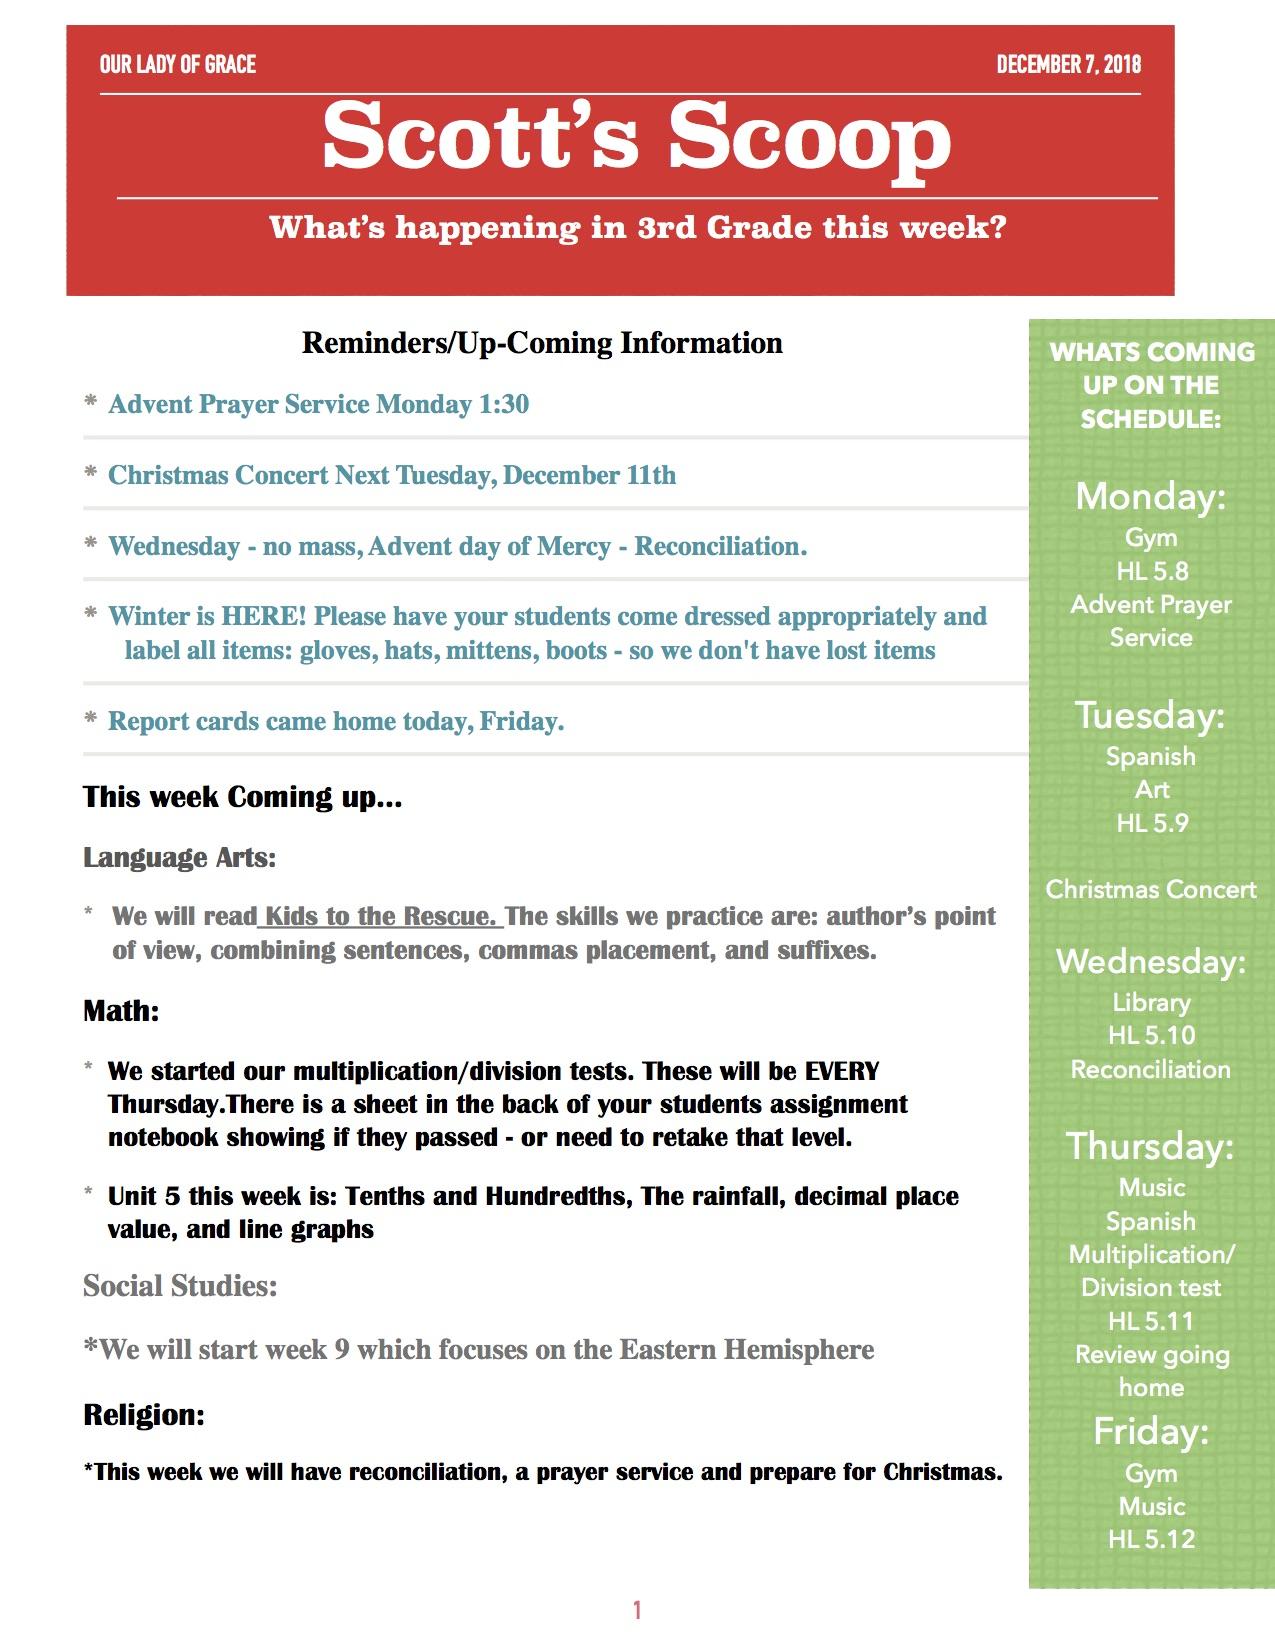 Newsletter 12.7.18.jpg